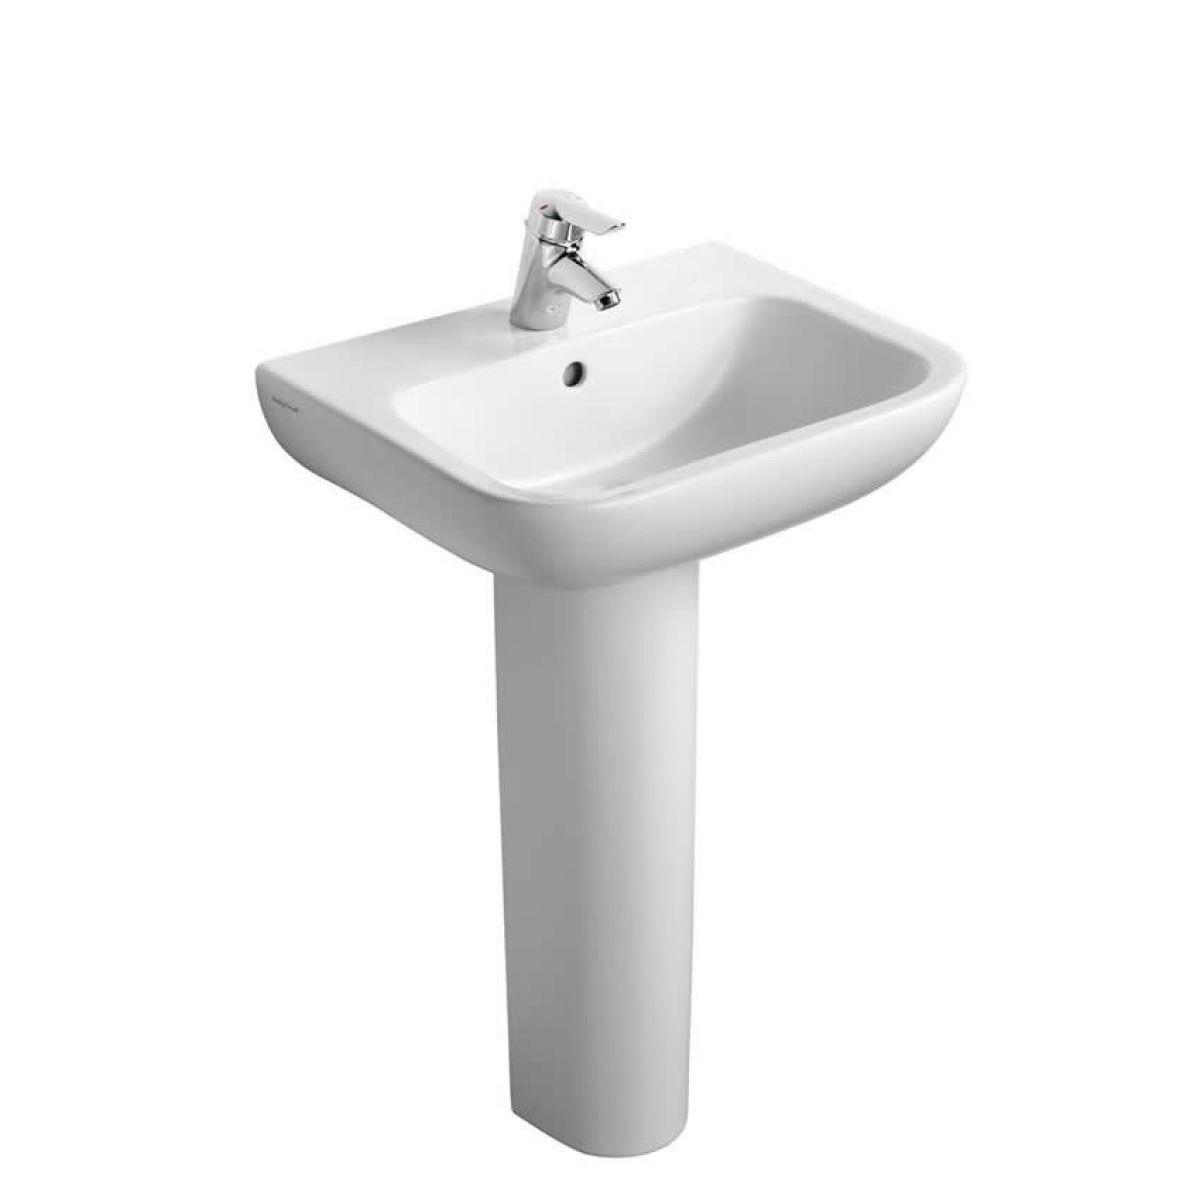 Armitage shanks bathroom sinks - Armitage Shanks Portman 21 Pedestal Basin